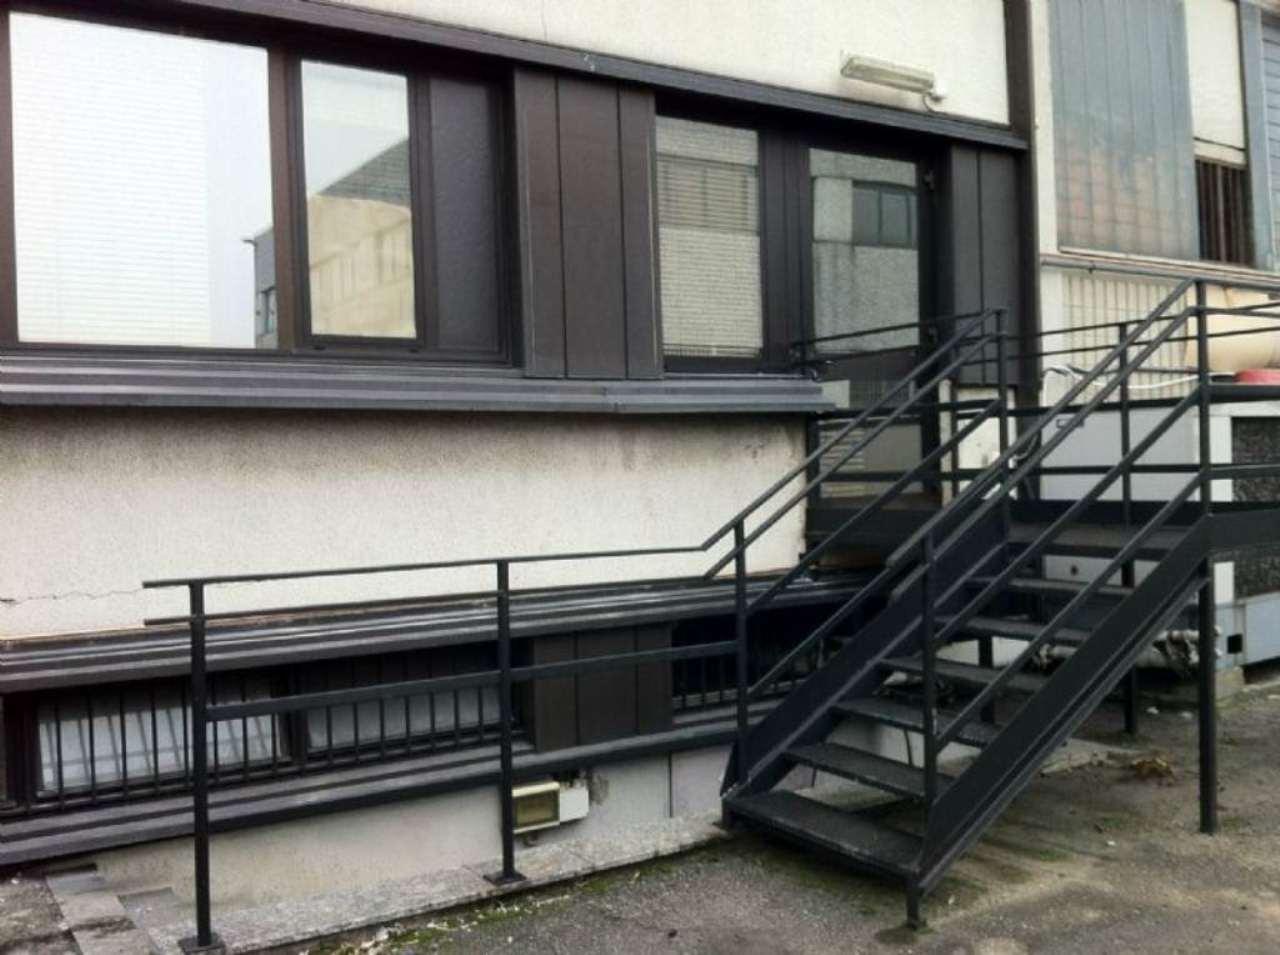 Ufficio / Studio in affitto a Cormano, 2 locali, prezzo € 750 | Cambio Casa.it